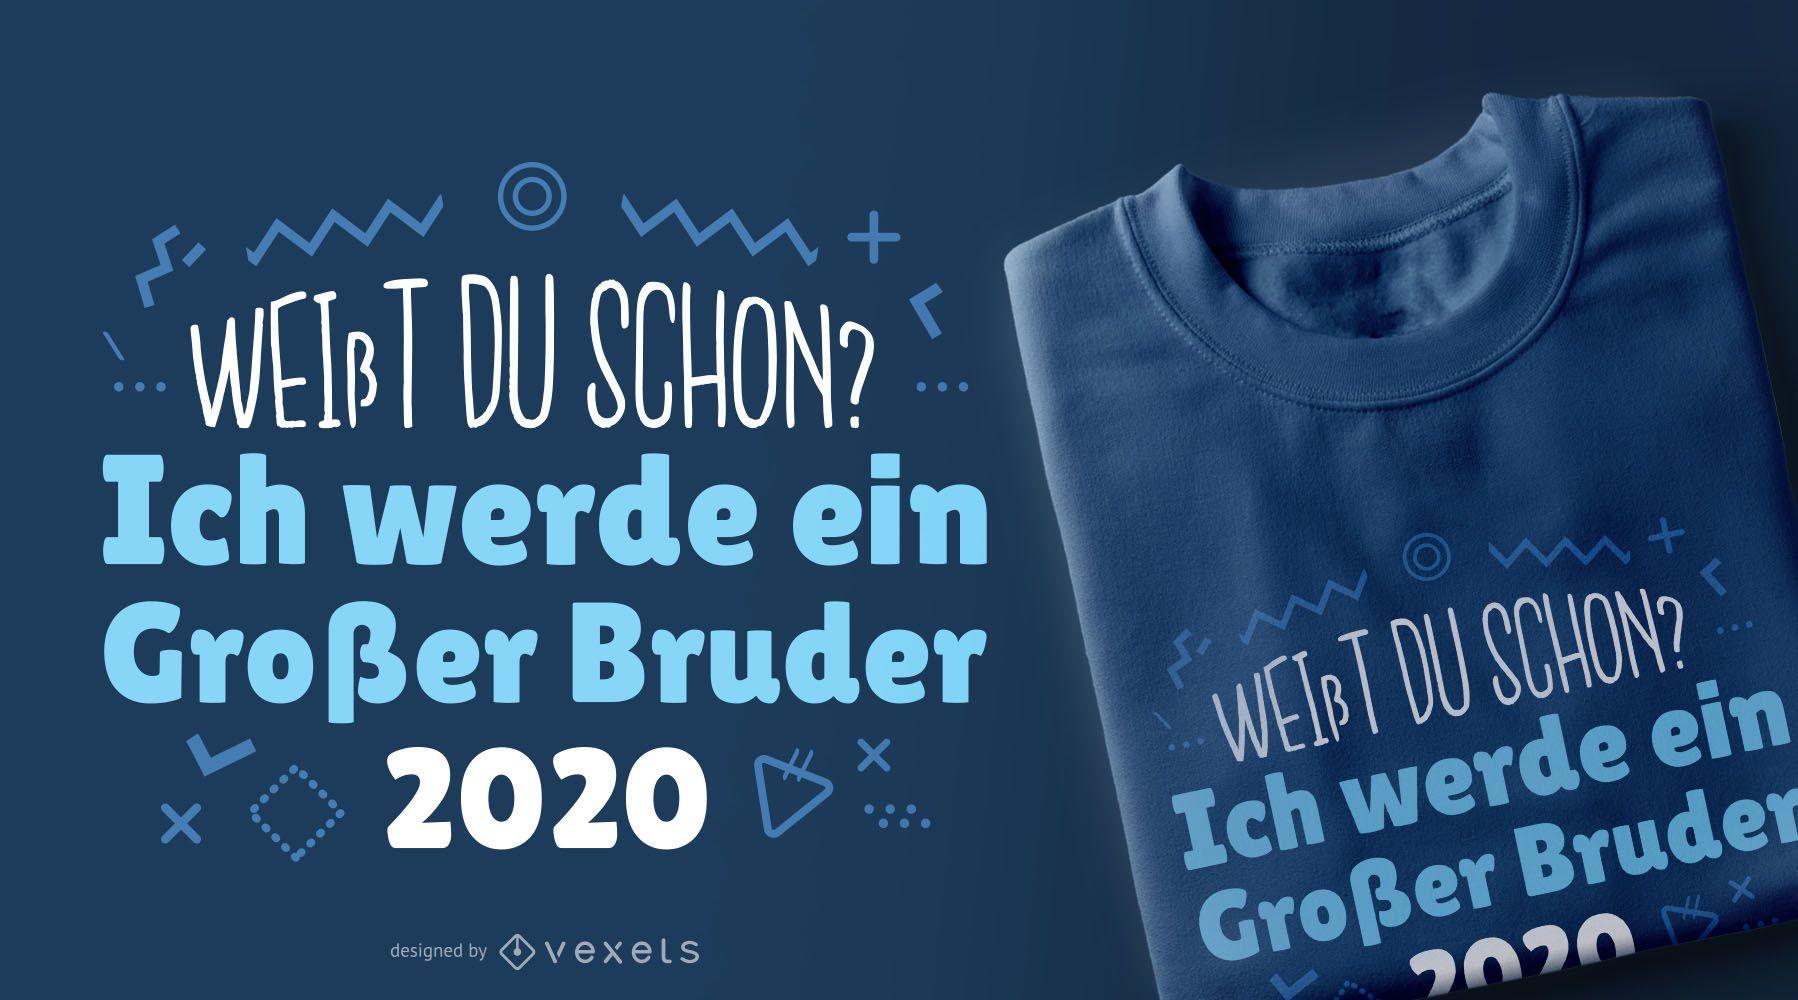 großer bruder 200 deutsches tshirt design  vektor download